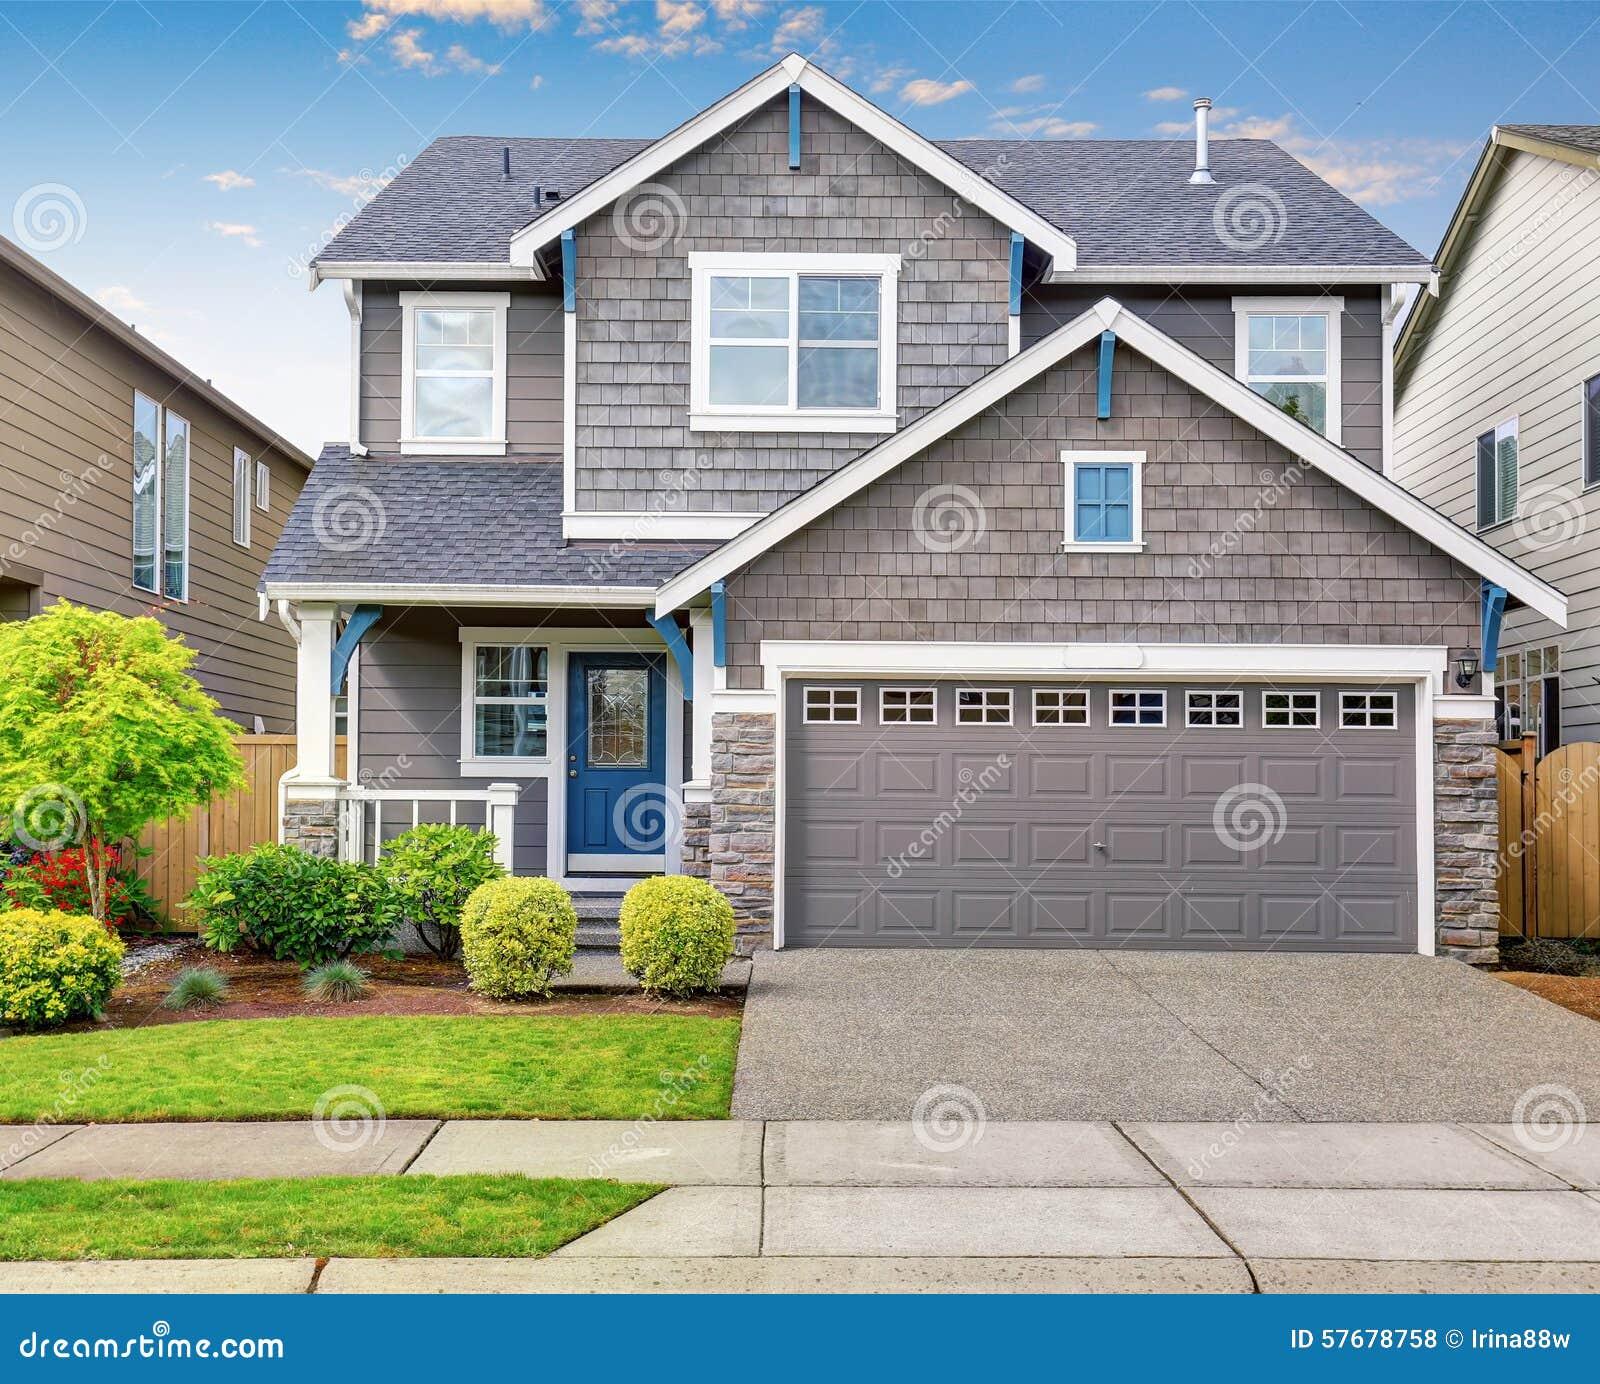 Modern huis met grijze buitenkant en blauwe witte versiering stock foto afbeelding 57678758 - Buitenkant thuis ...